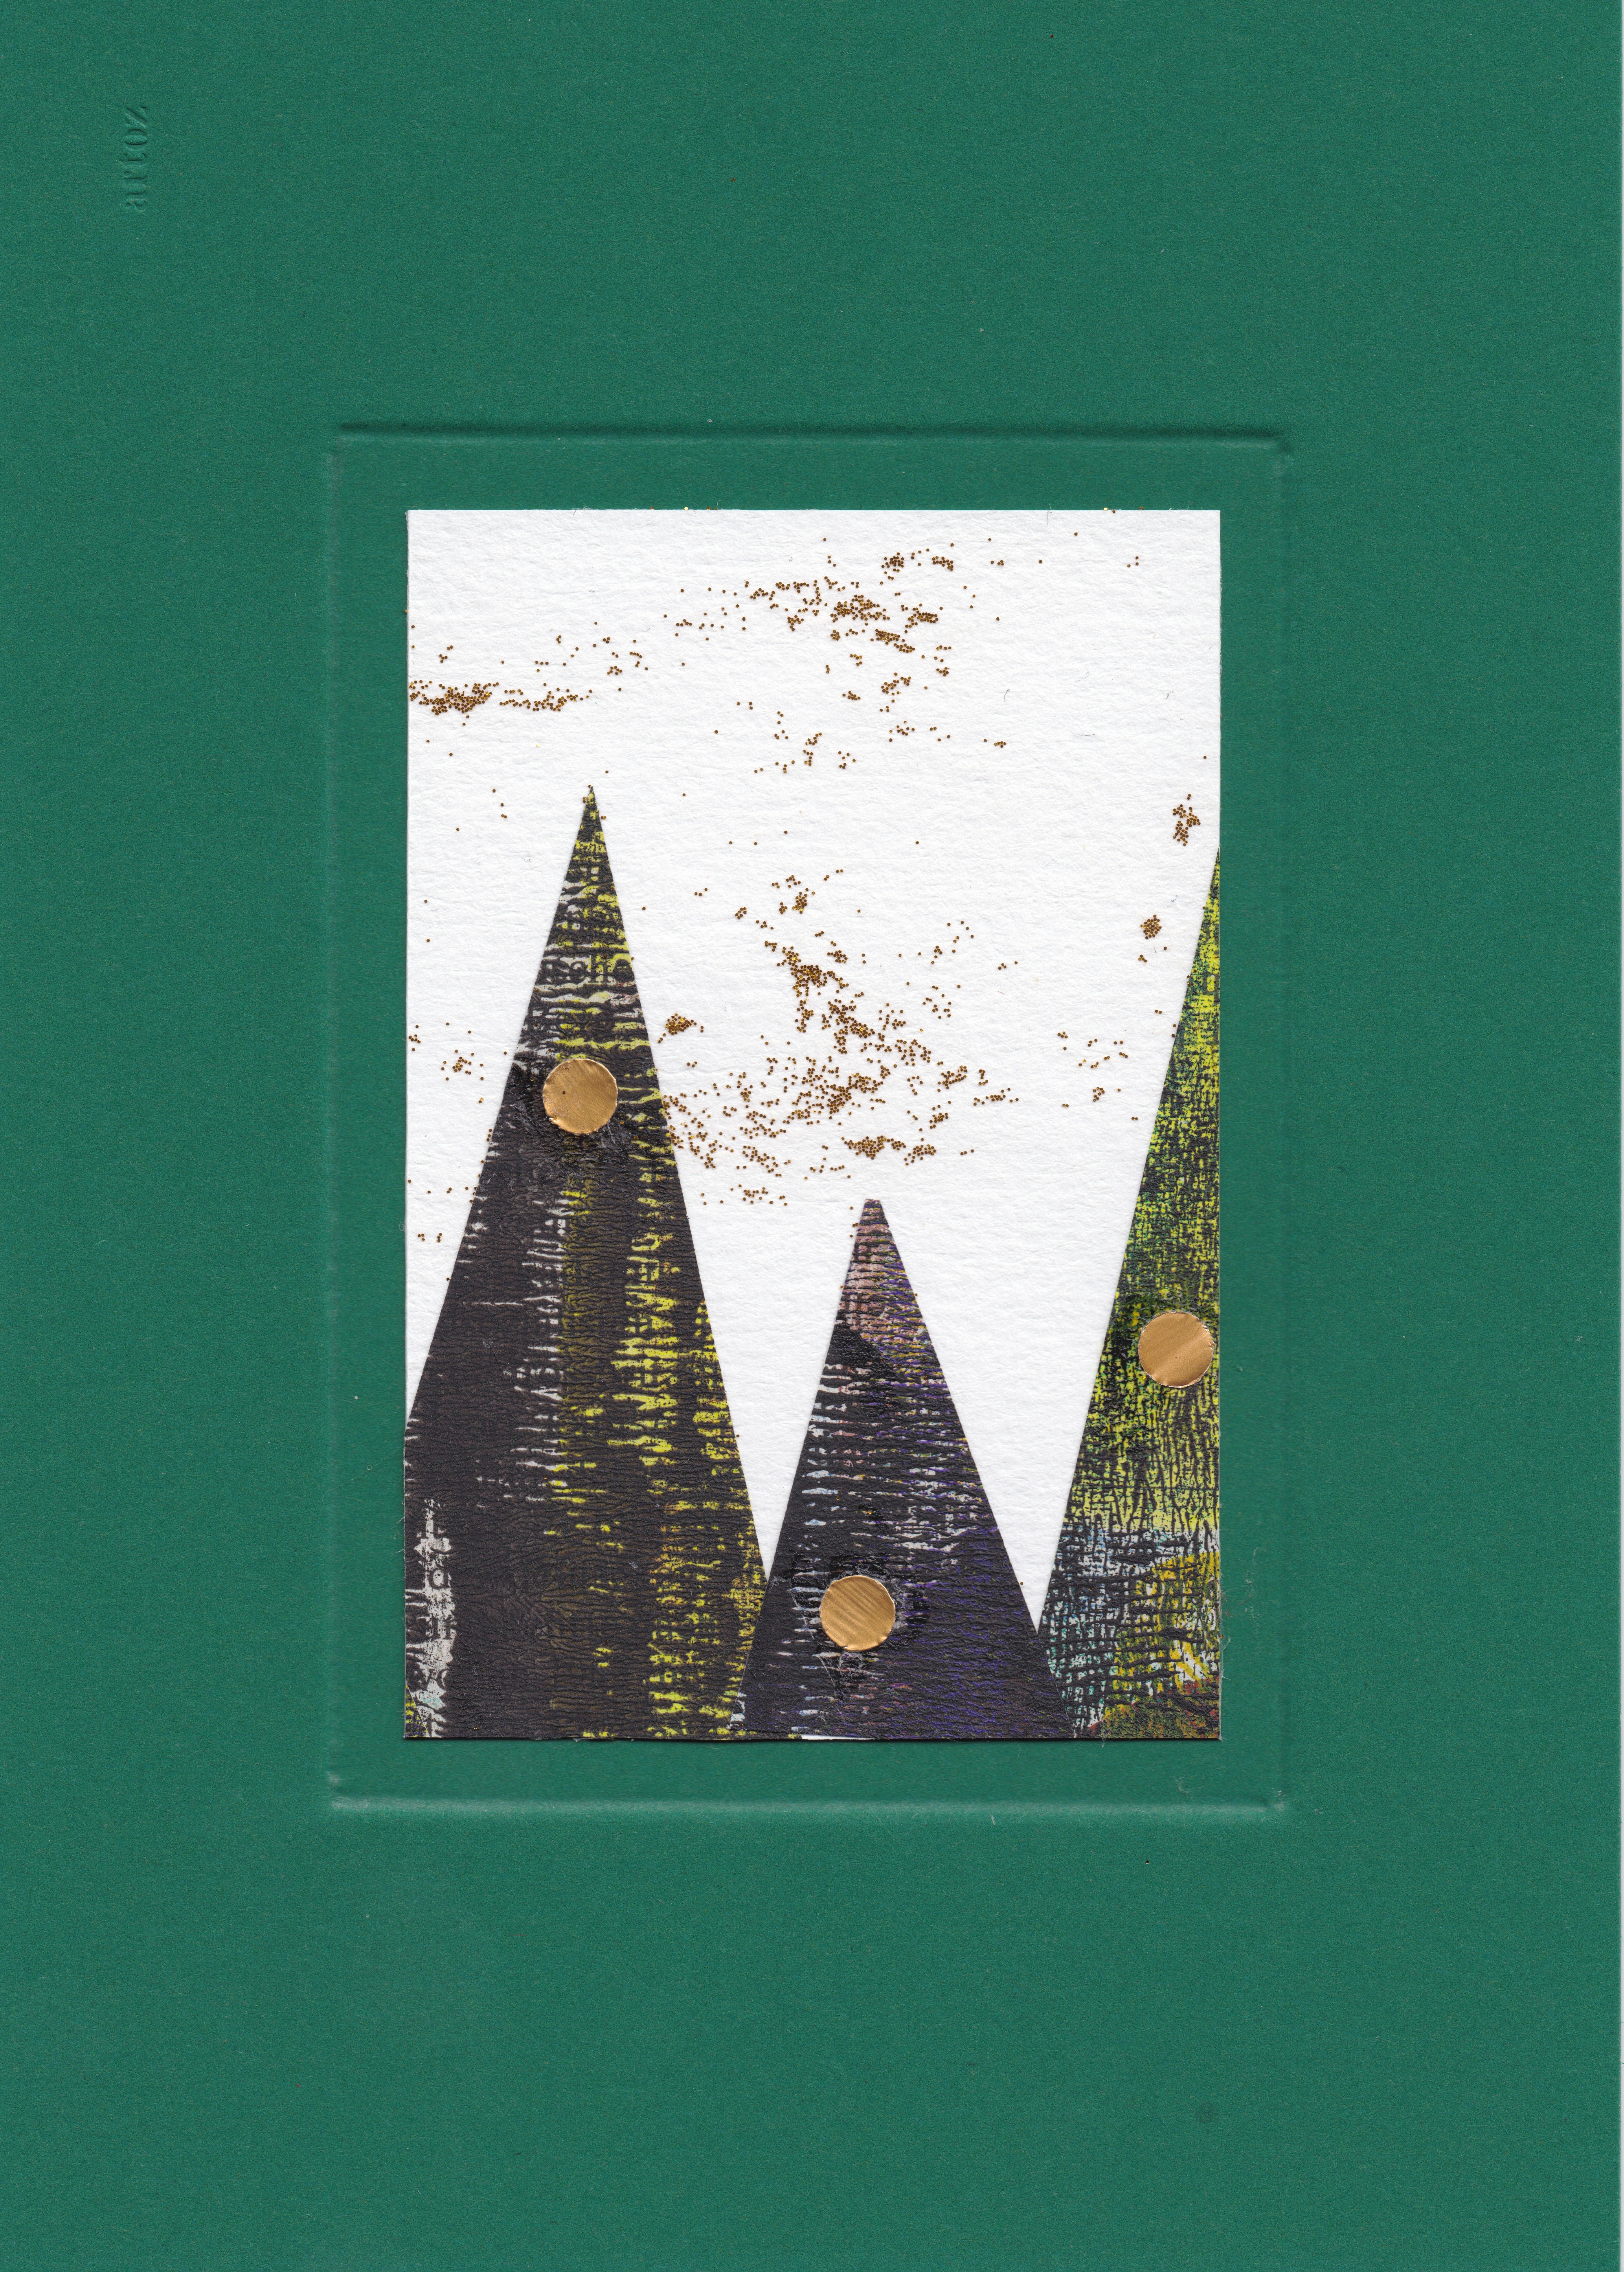 Bild_-_Weihnachtskarte_2019_-_Grün